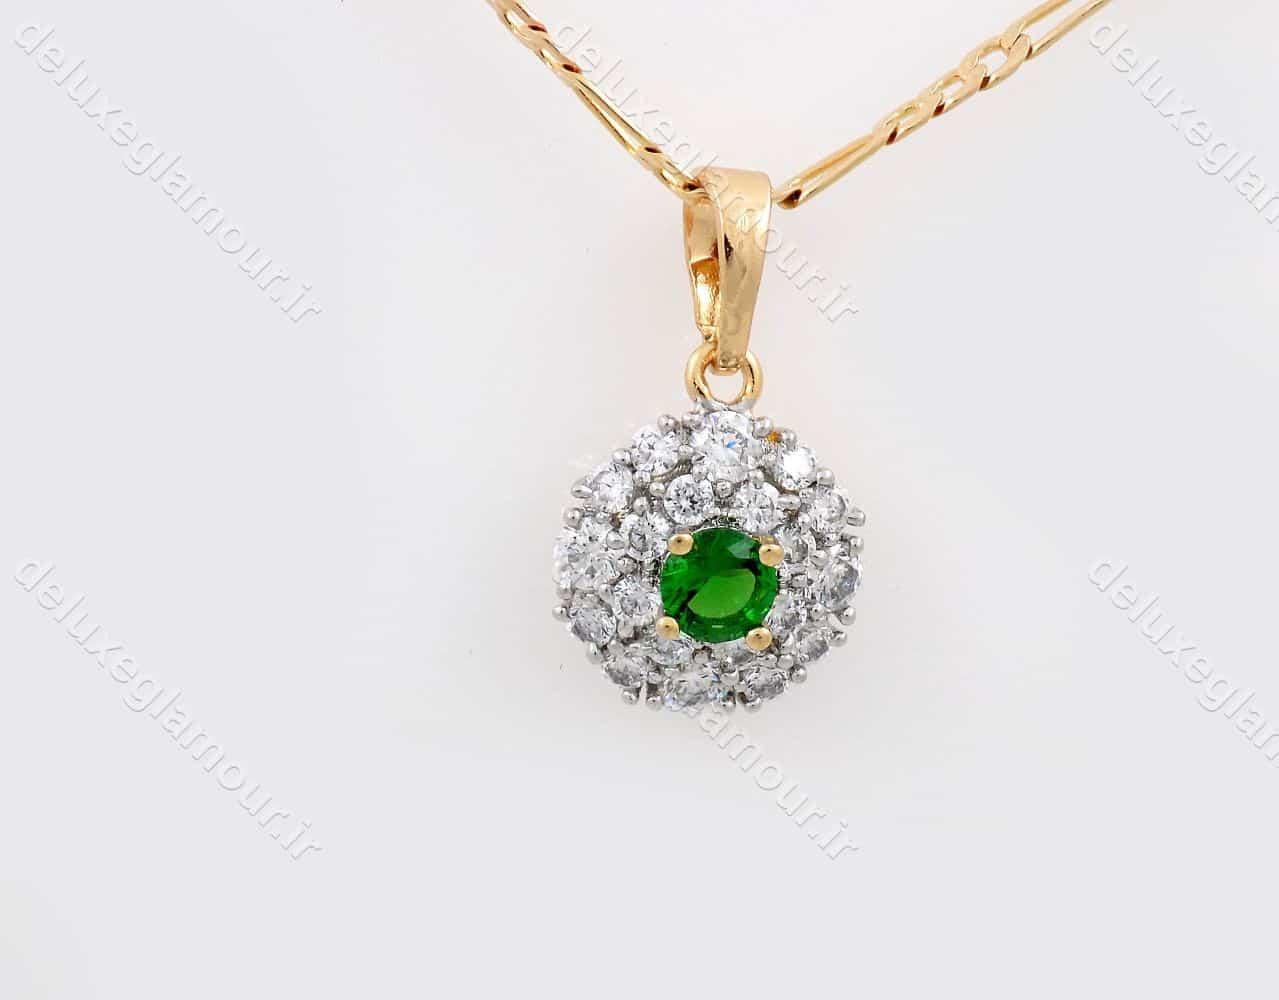 گردنبند دخترانه ژوپینگ با نگین کریستالی سبز و سفید از جنس زیرکونیا nw-n140 از نمای روبرو